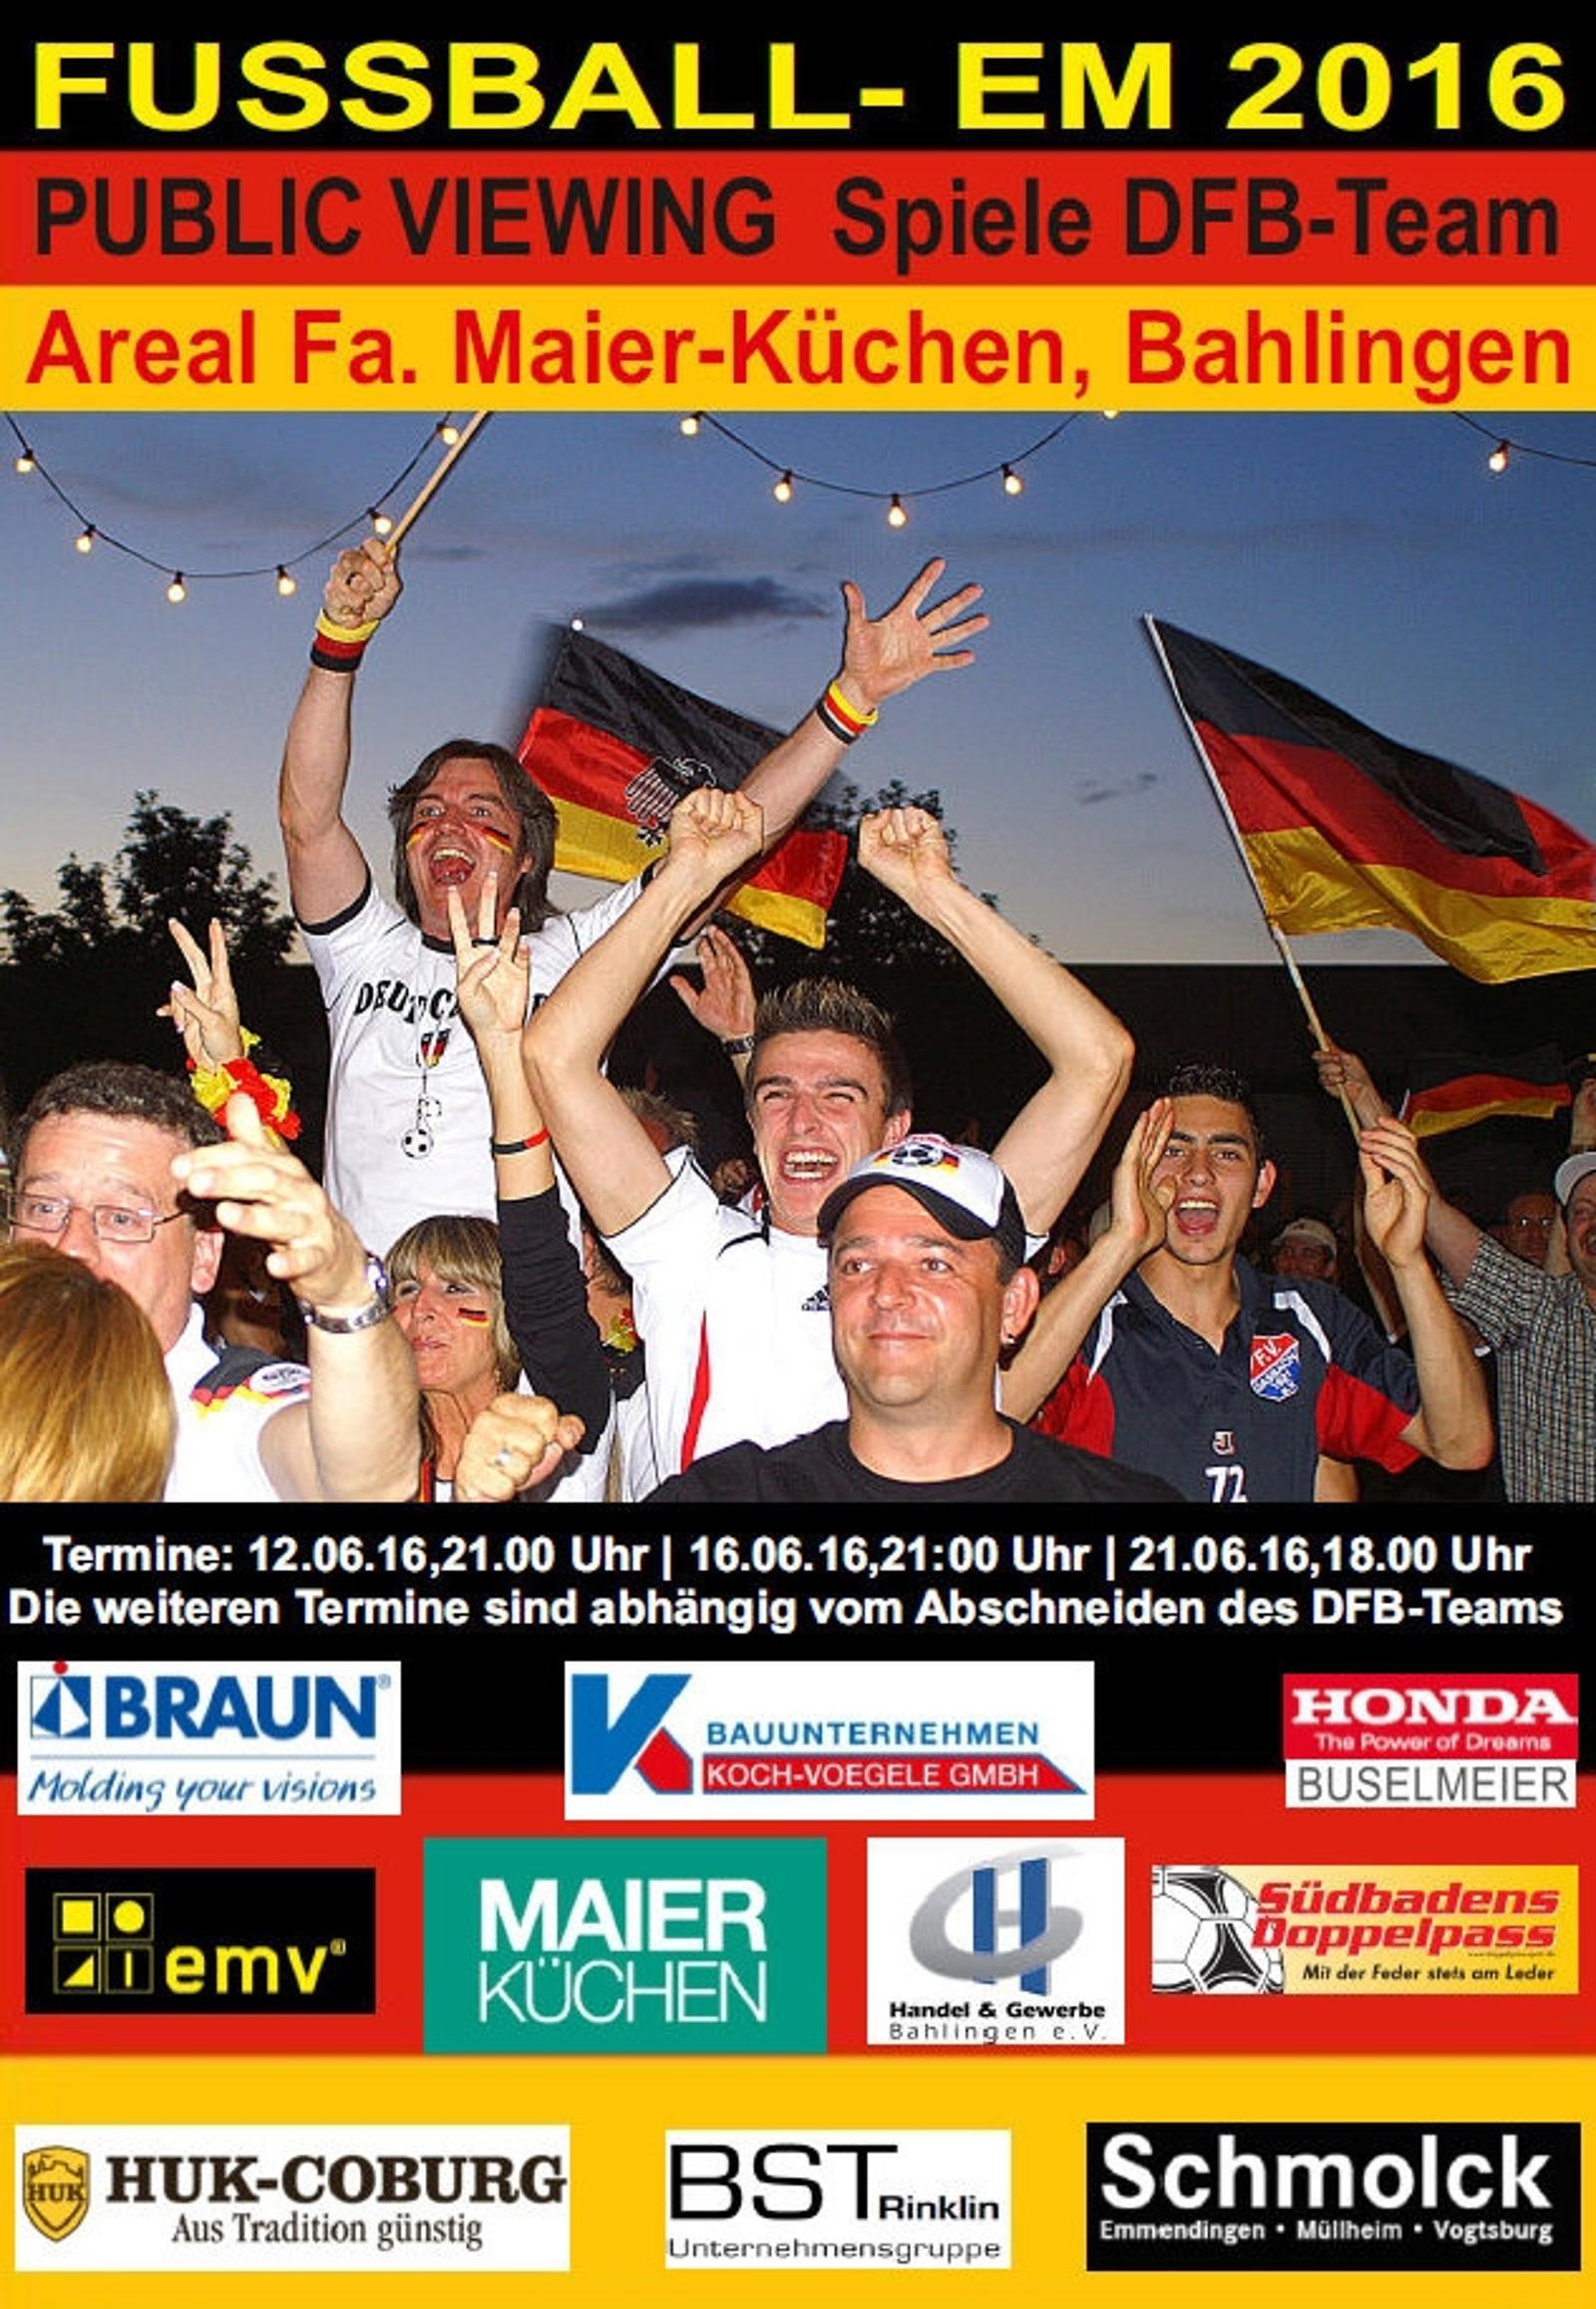 Fussballeuropameisterschaft 2016 Public Viewing In Bahlingen Bei Fa